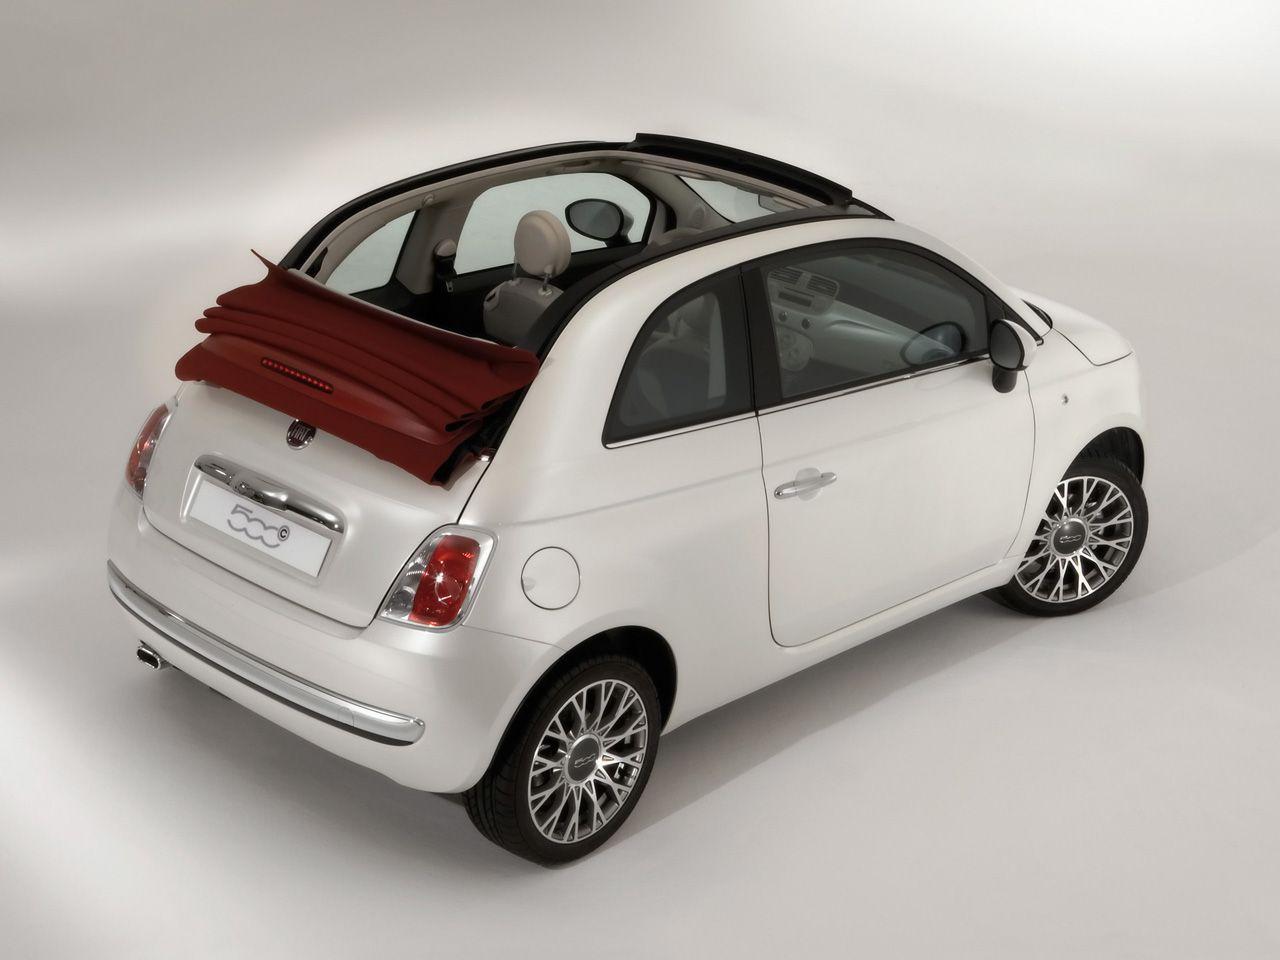 Fiat 500 Convertible Wheels Pinterest Convertible Fiat 500